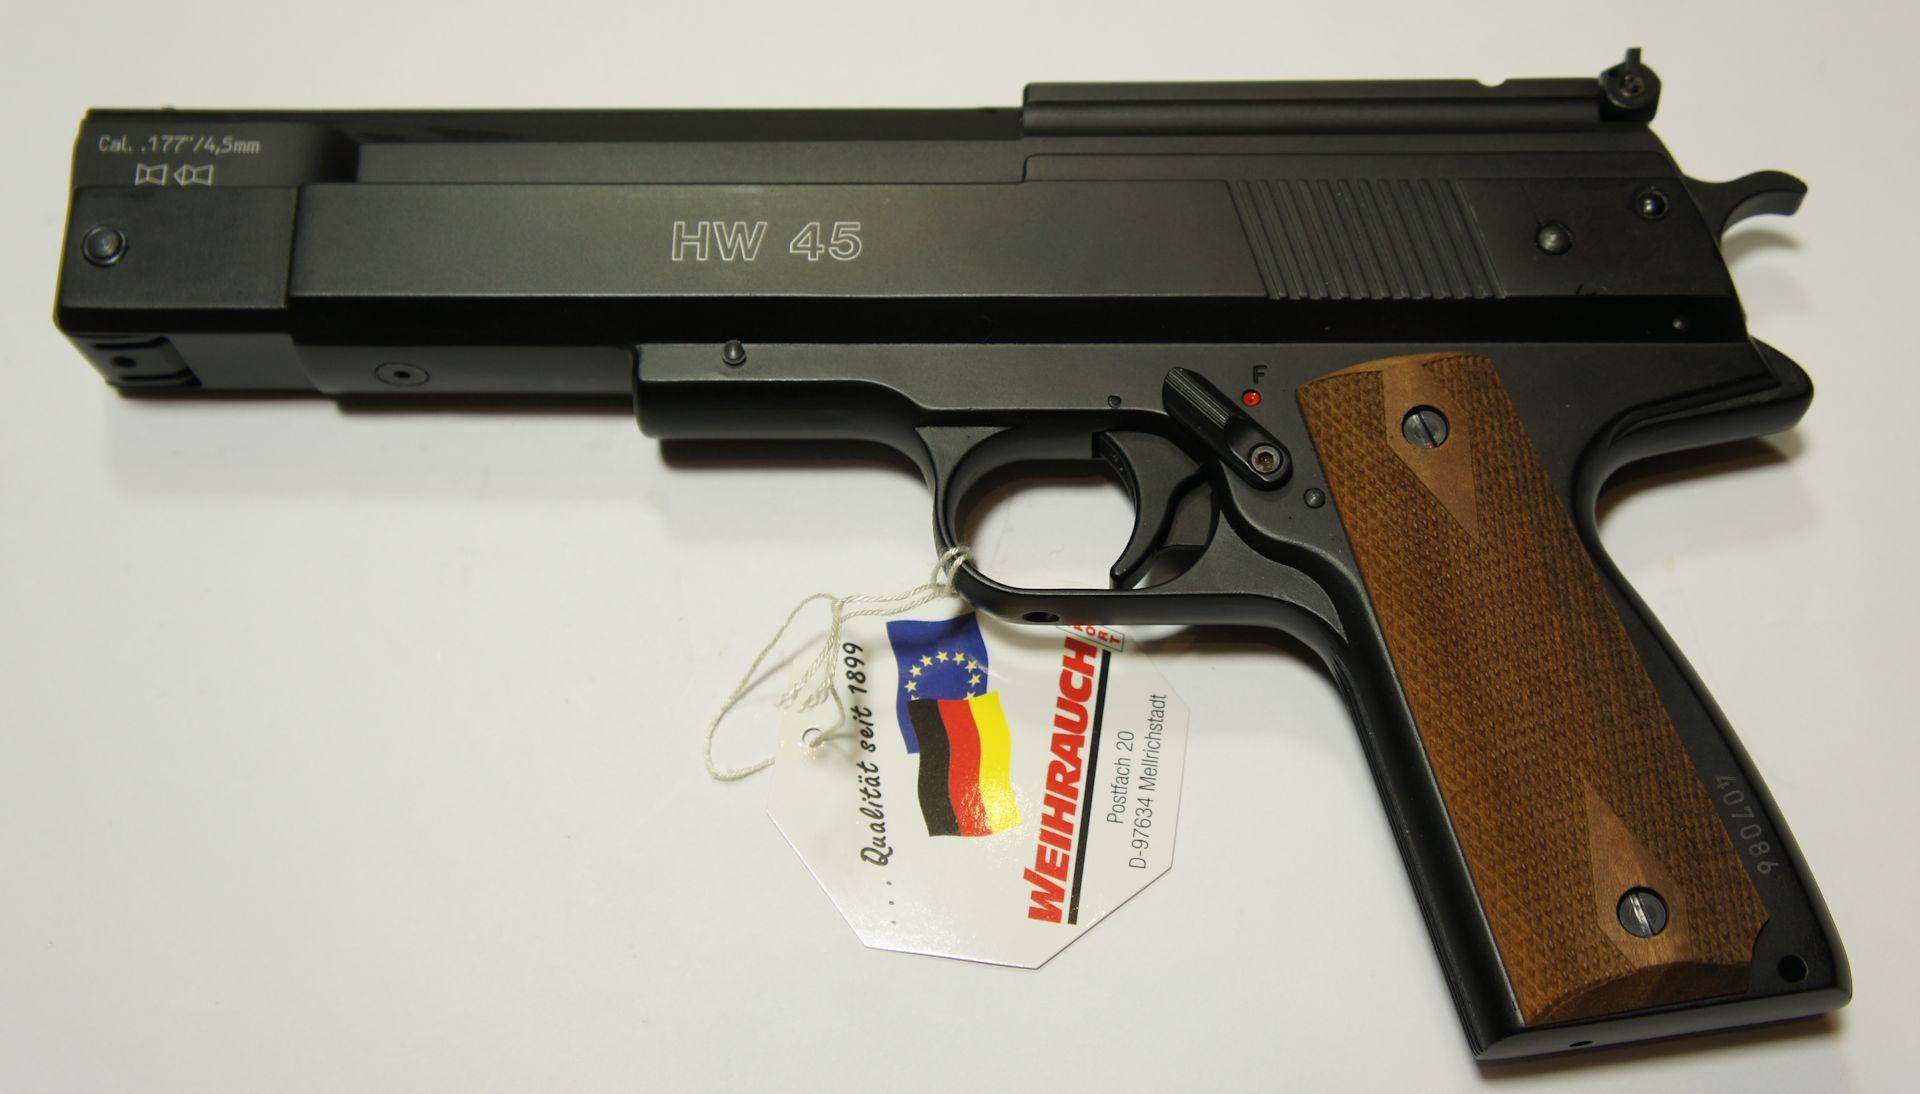 Luftpistole HW 45 Kaliber 4,5mm, schwarz